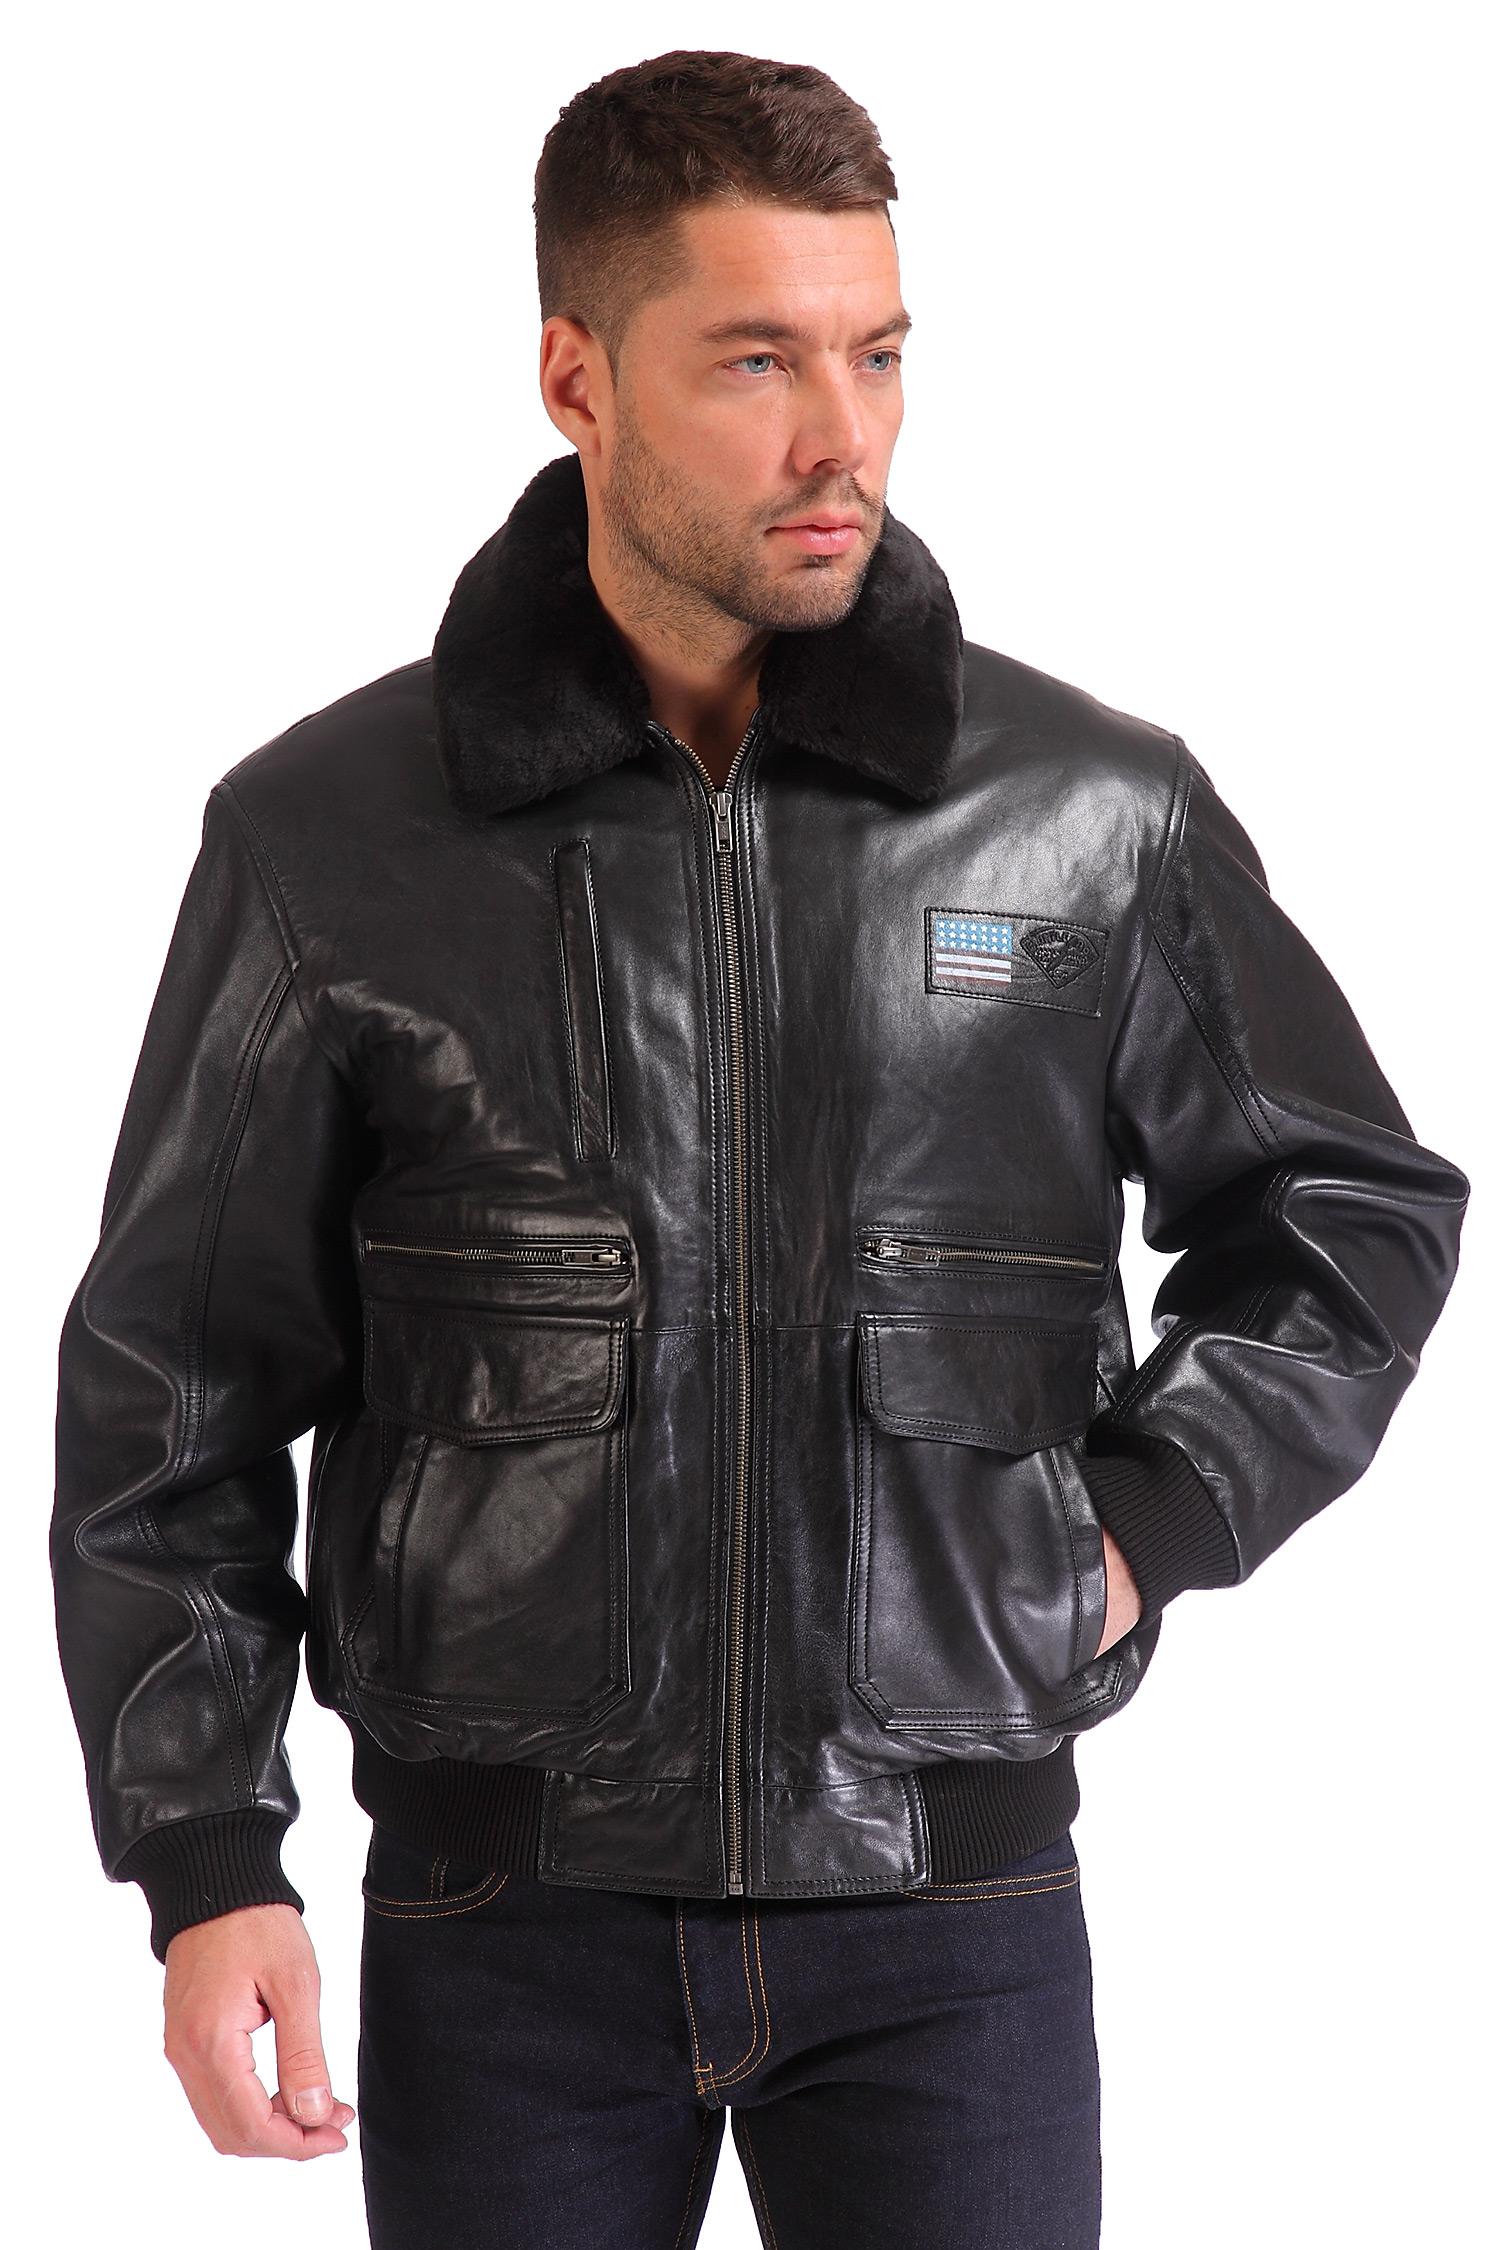 Мужская кожаная куртка из натуральной кожи утепленная, отделка искусственный мех